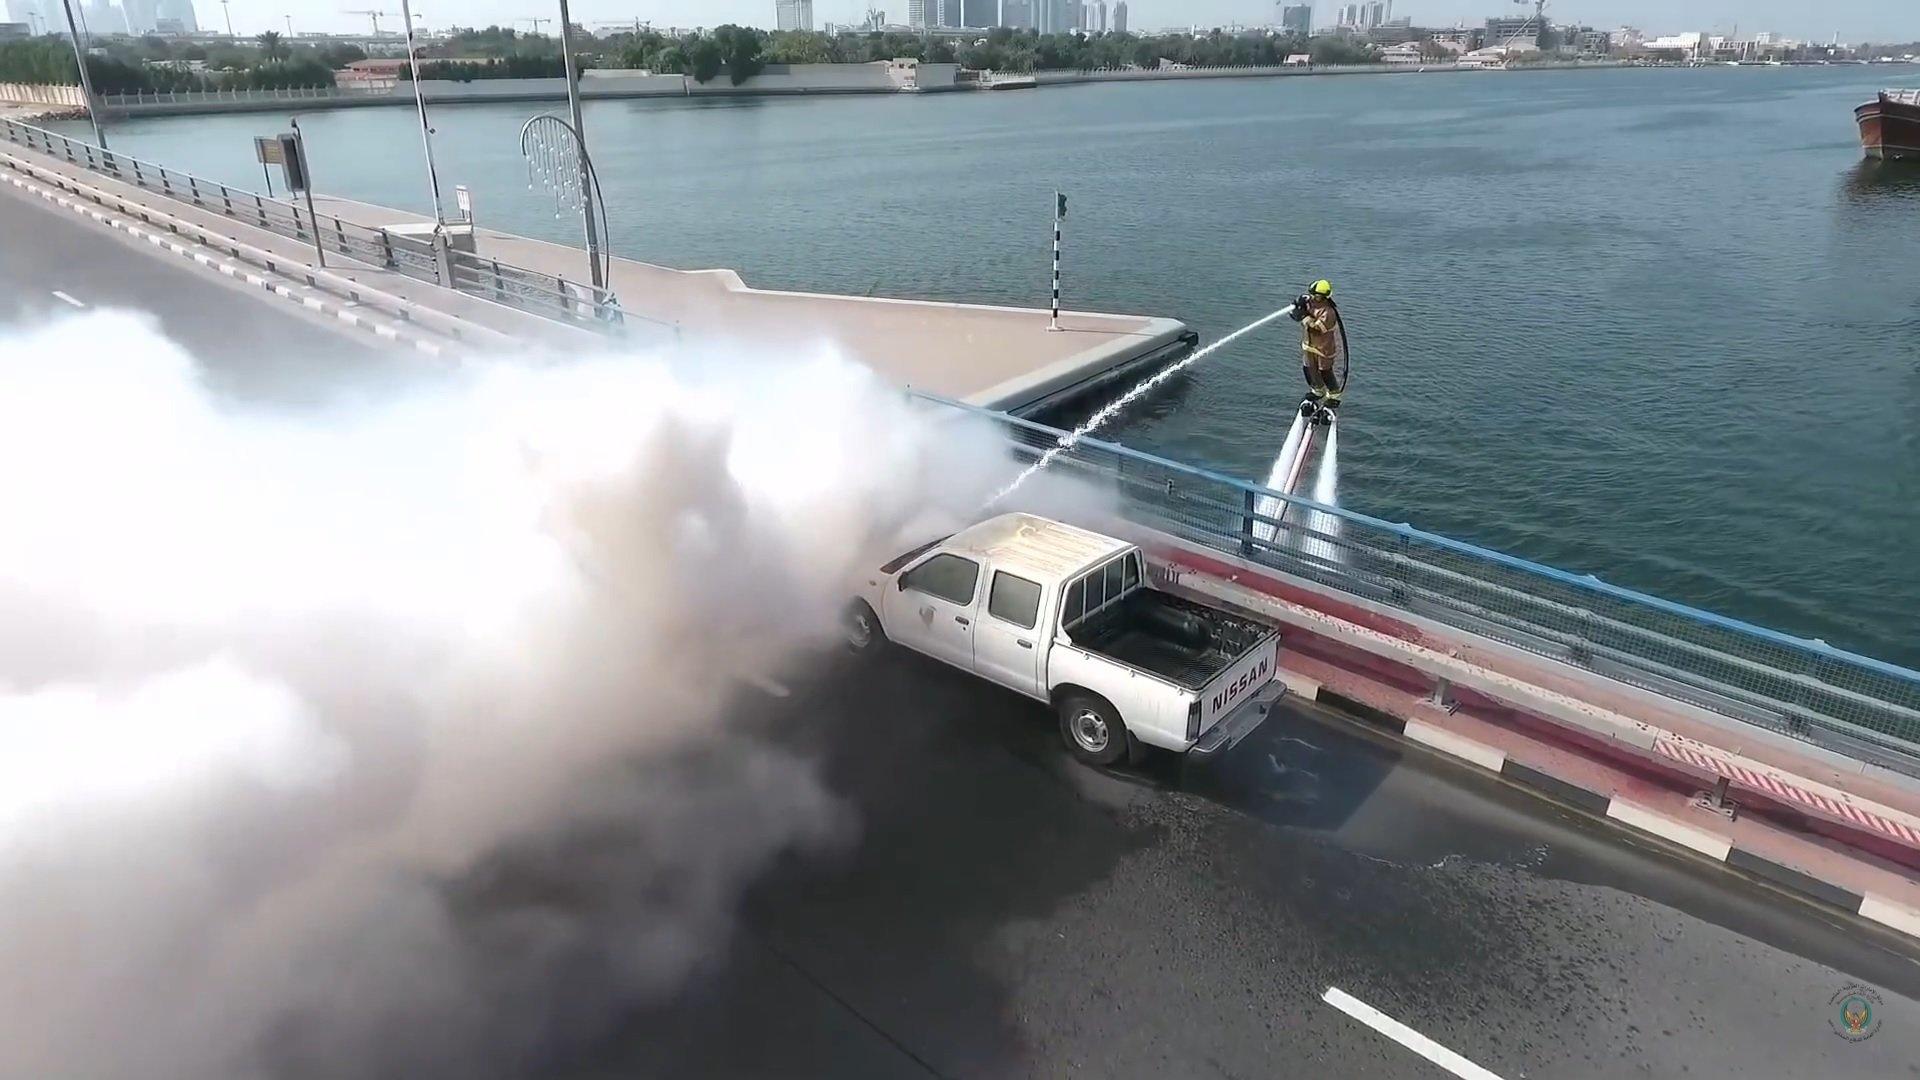 A Dubai firefighter battling a vehicle fire